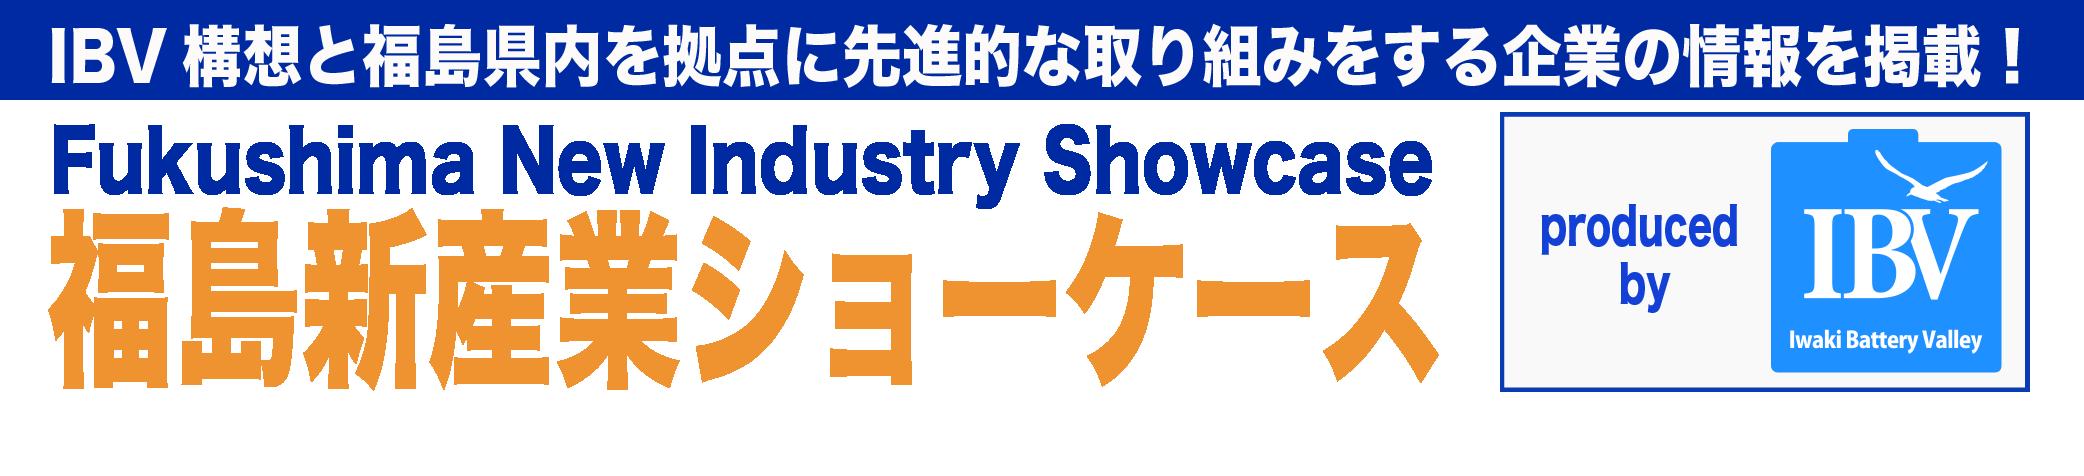 福島新産業ショーケース produced by IBV